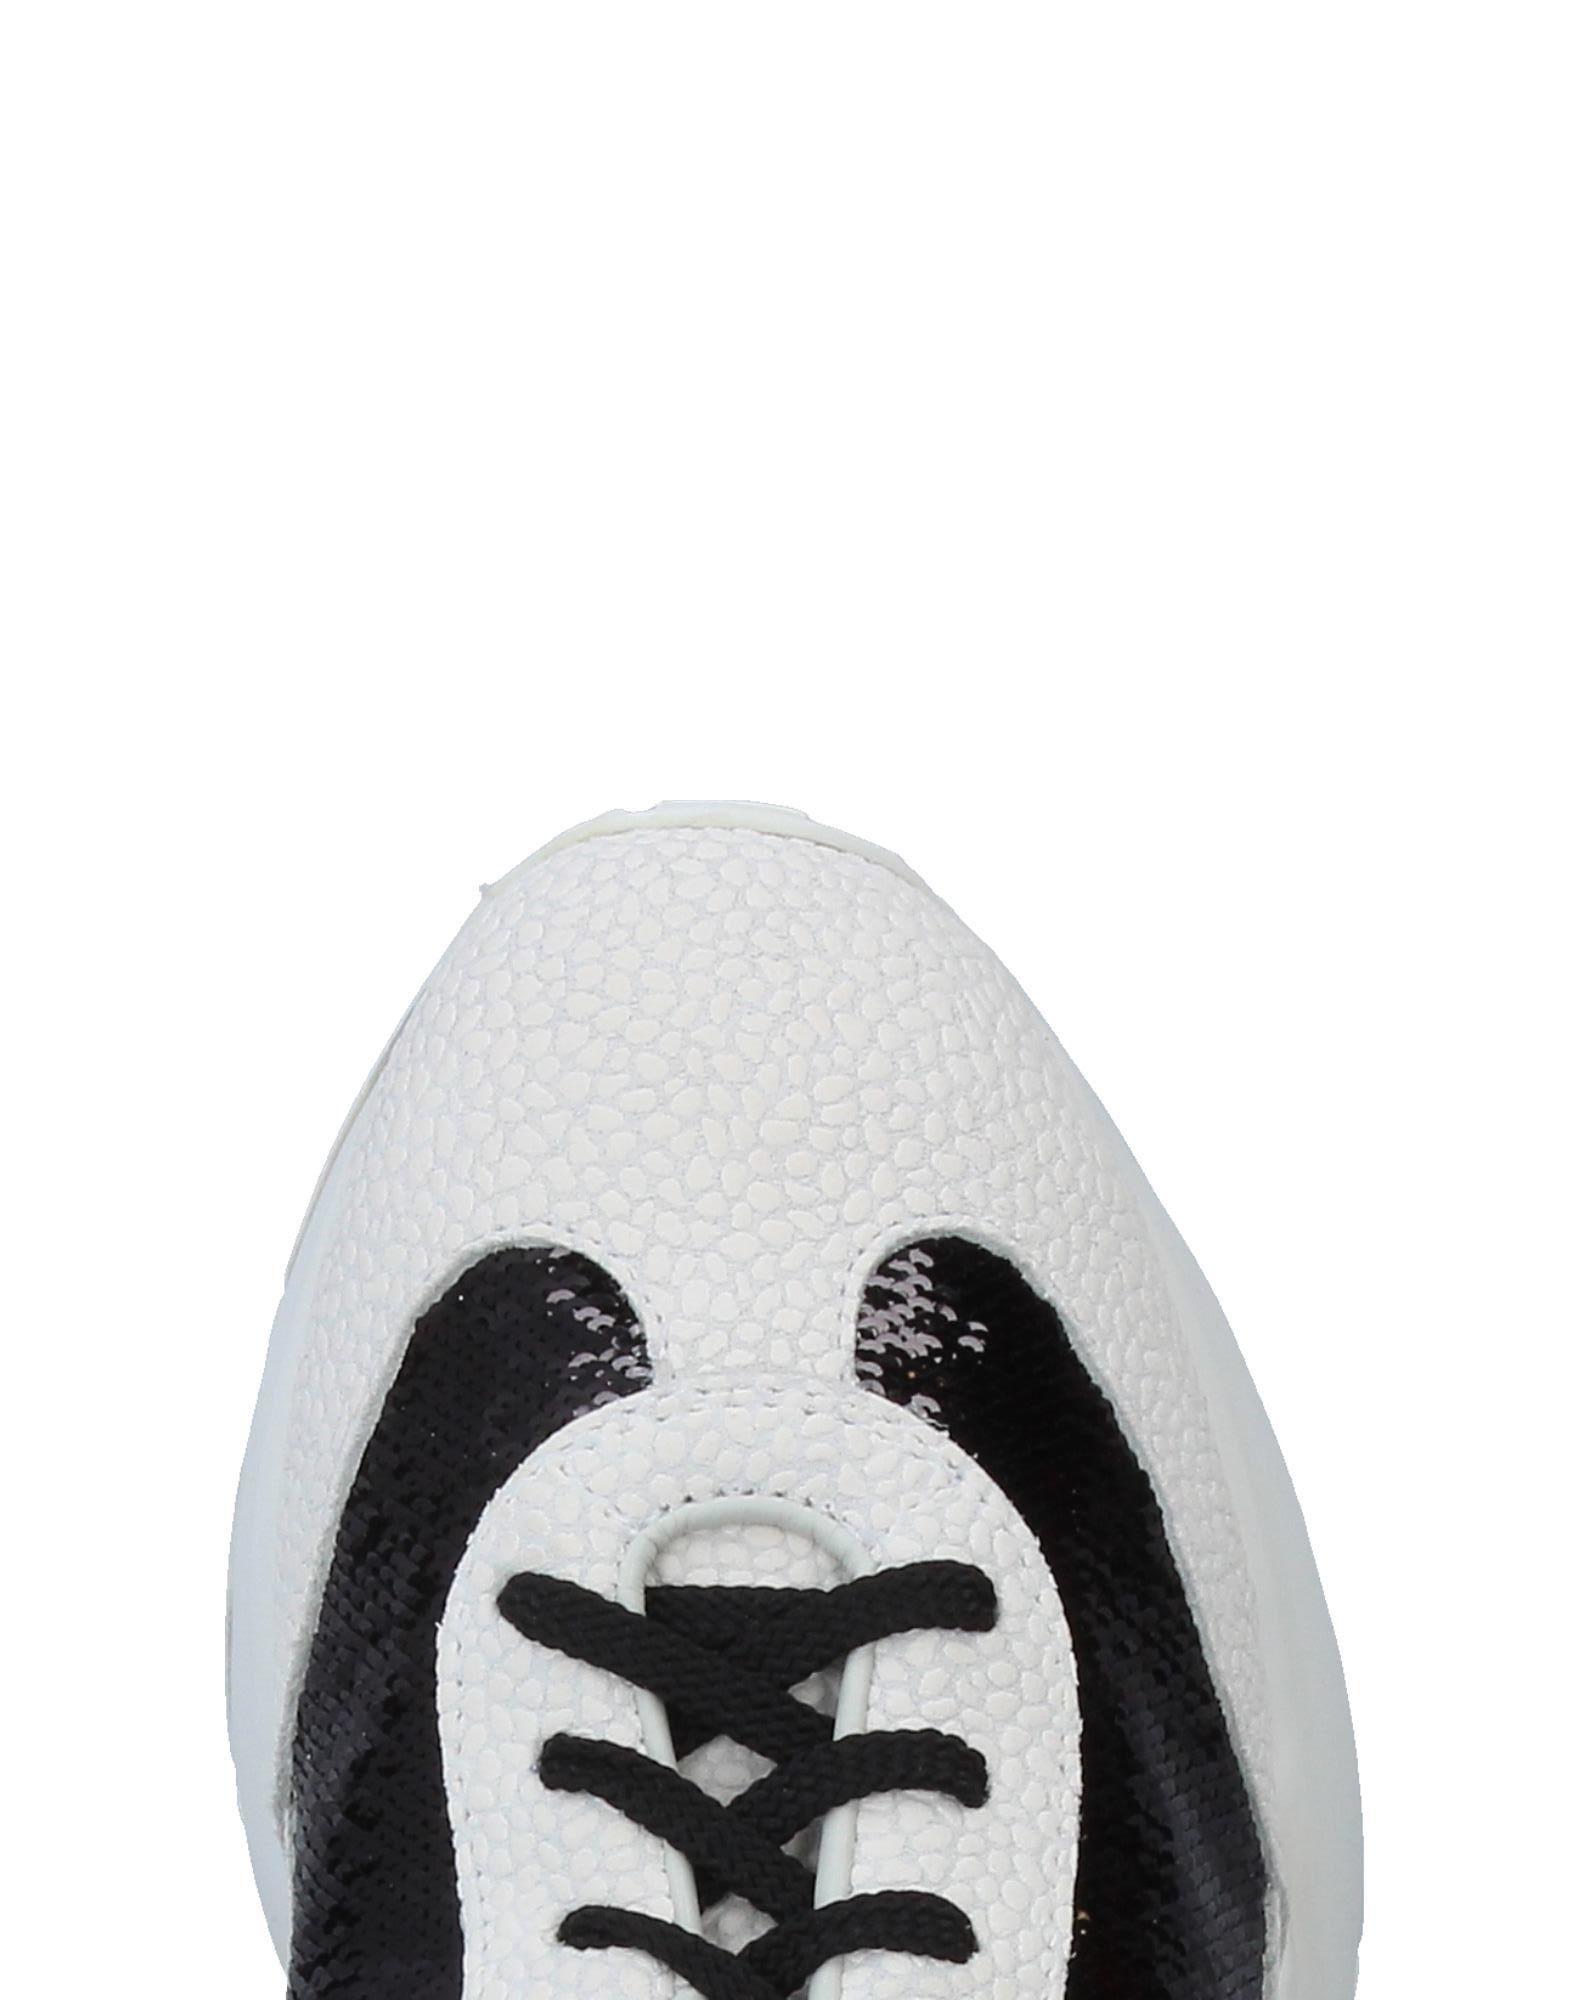 Ruco Line Sneakers Damen Gutes Gutes Gutes Preis-Leistungs-Verhältnis, es lohnt sich 2ffe59